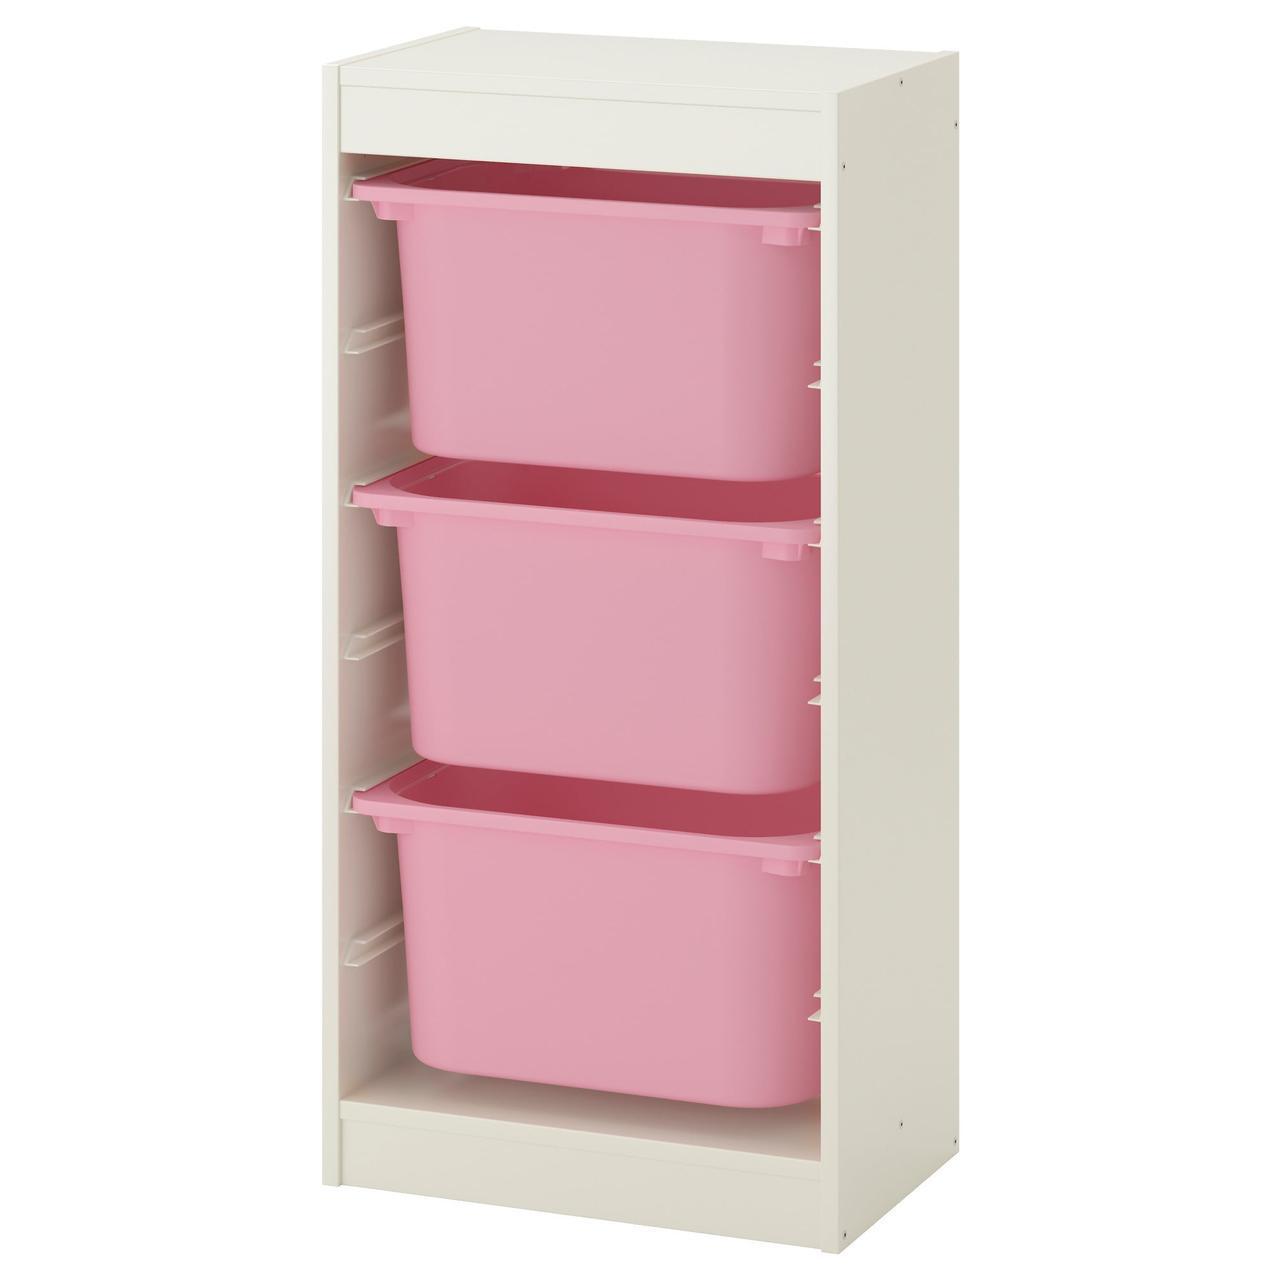 Комод для игрушек IKEA TROFAST 46x30x94 см белый розовый 992.285.70